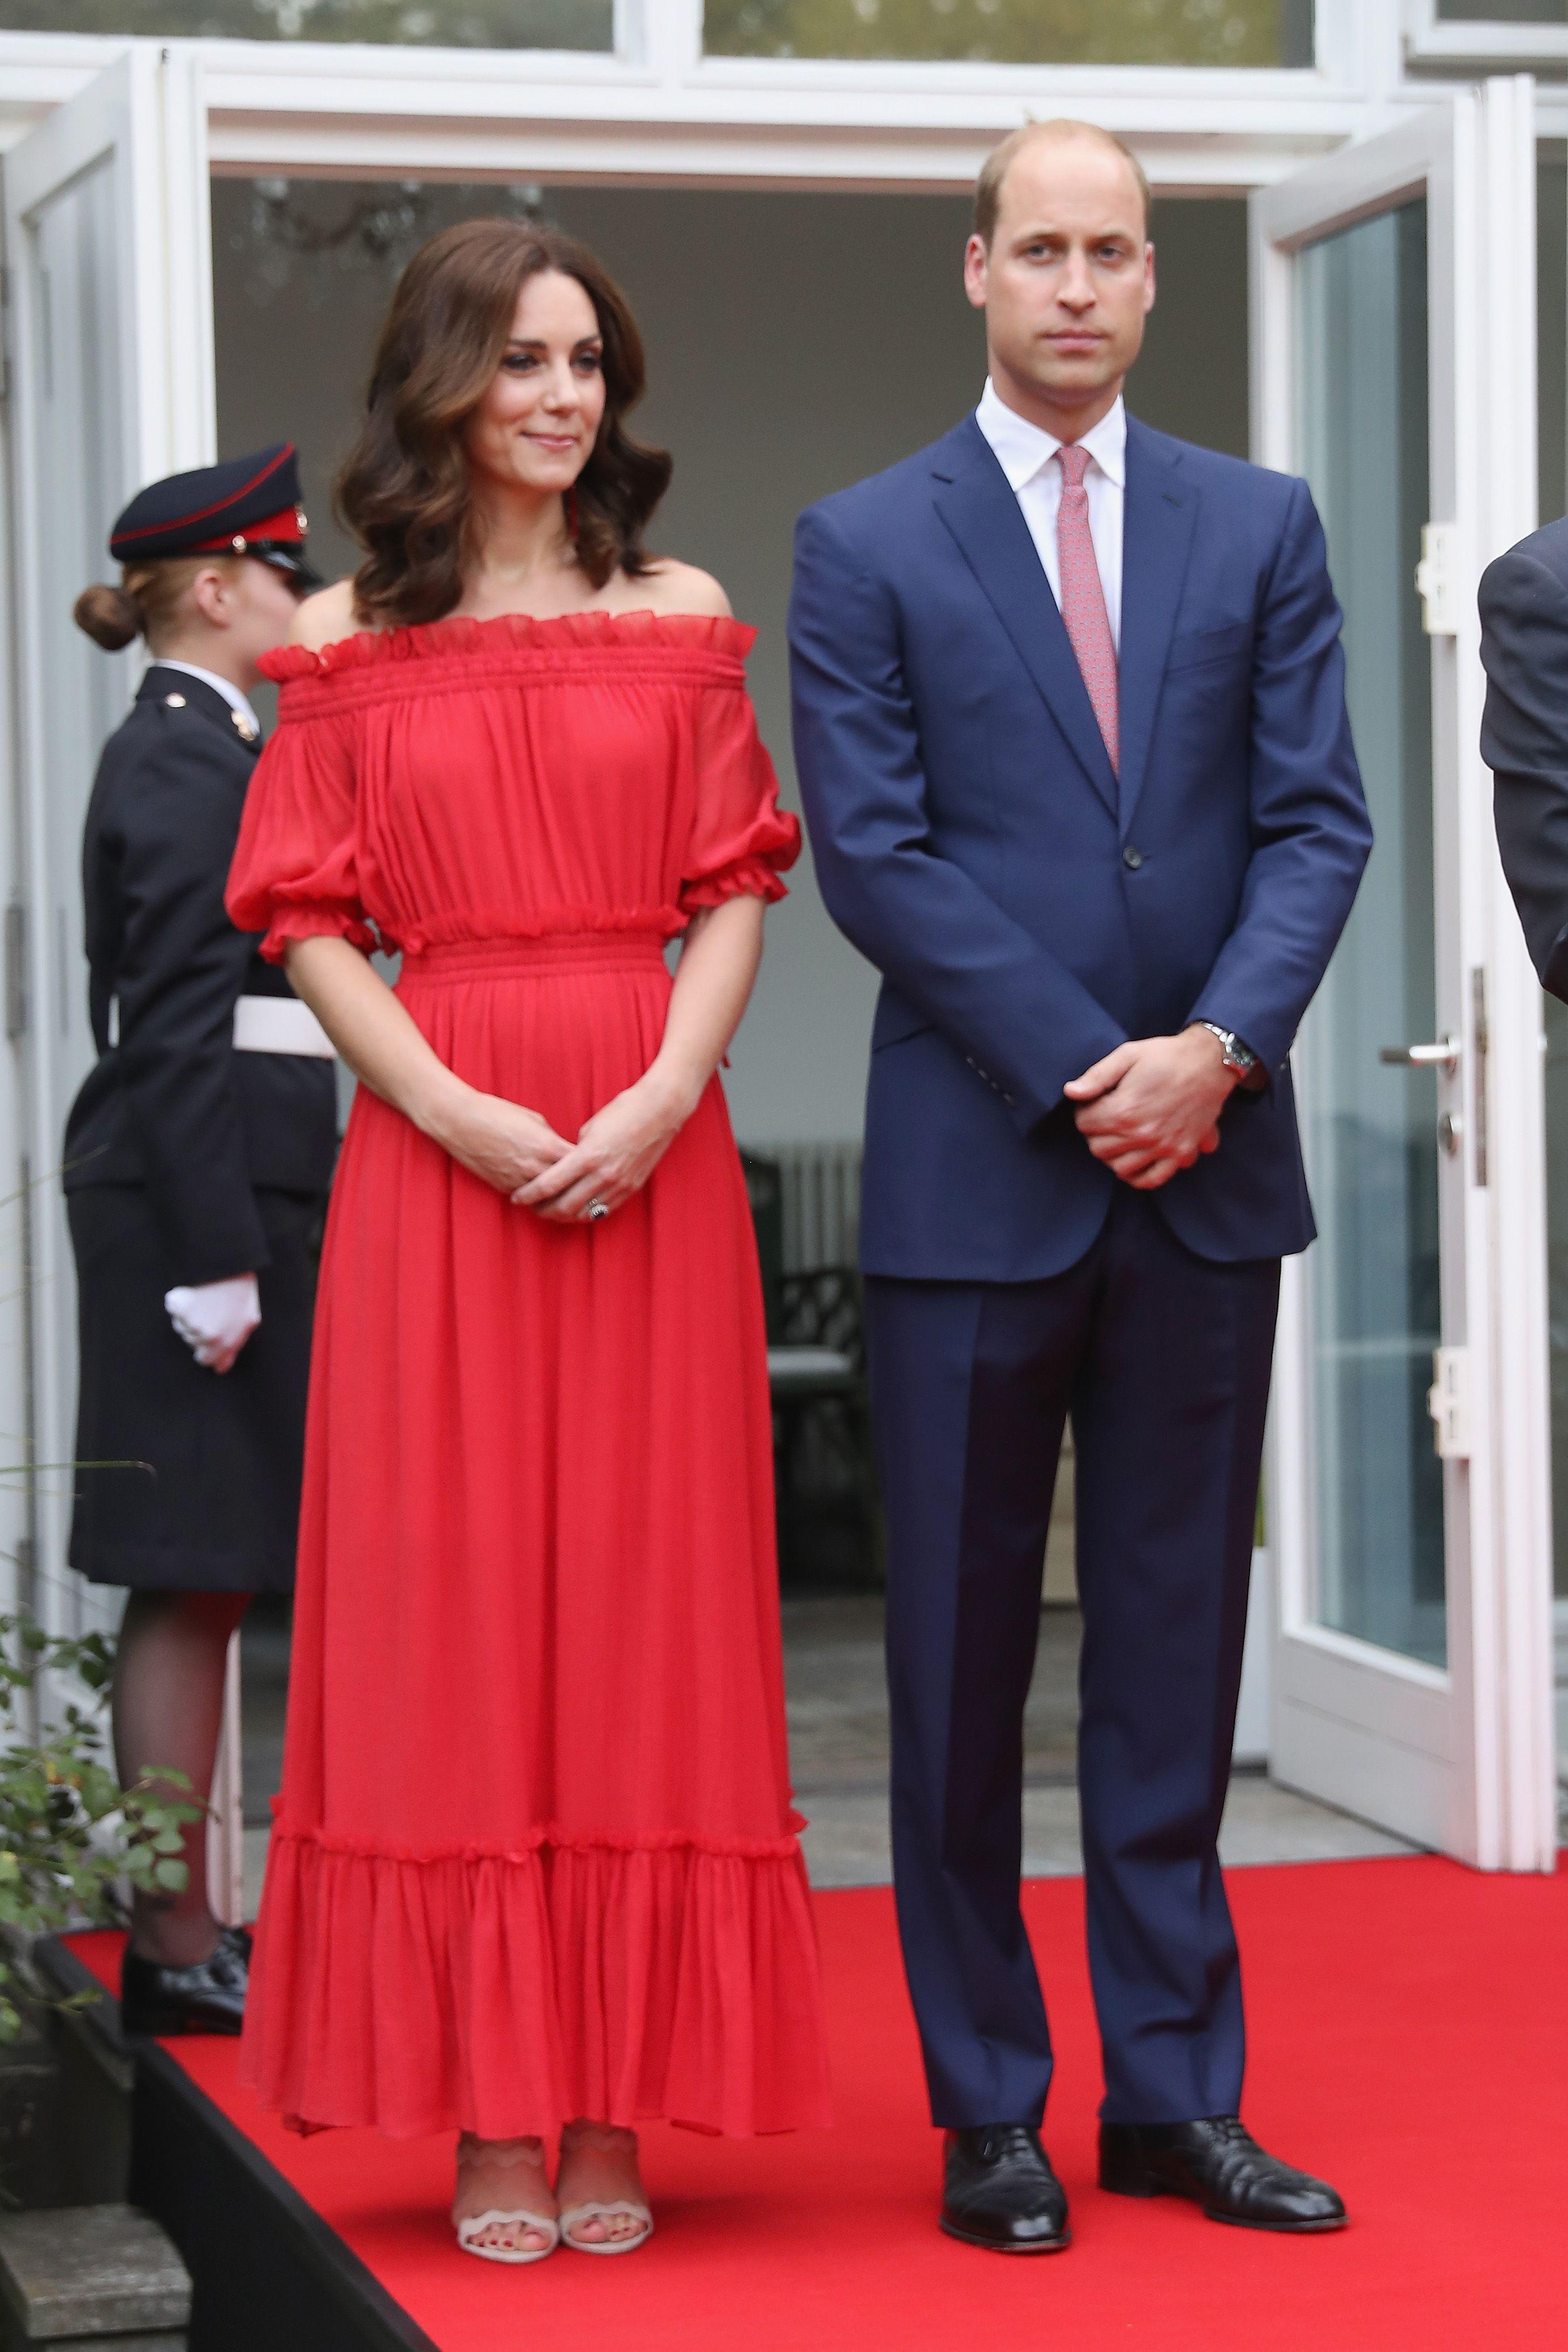 Kate Middleton wearing red